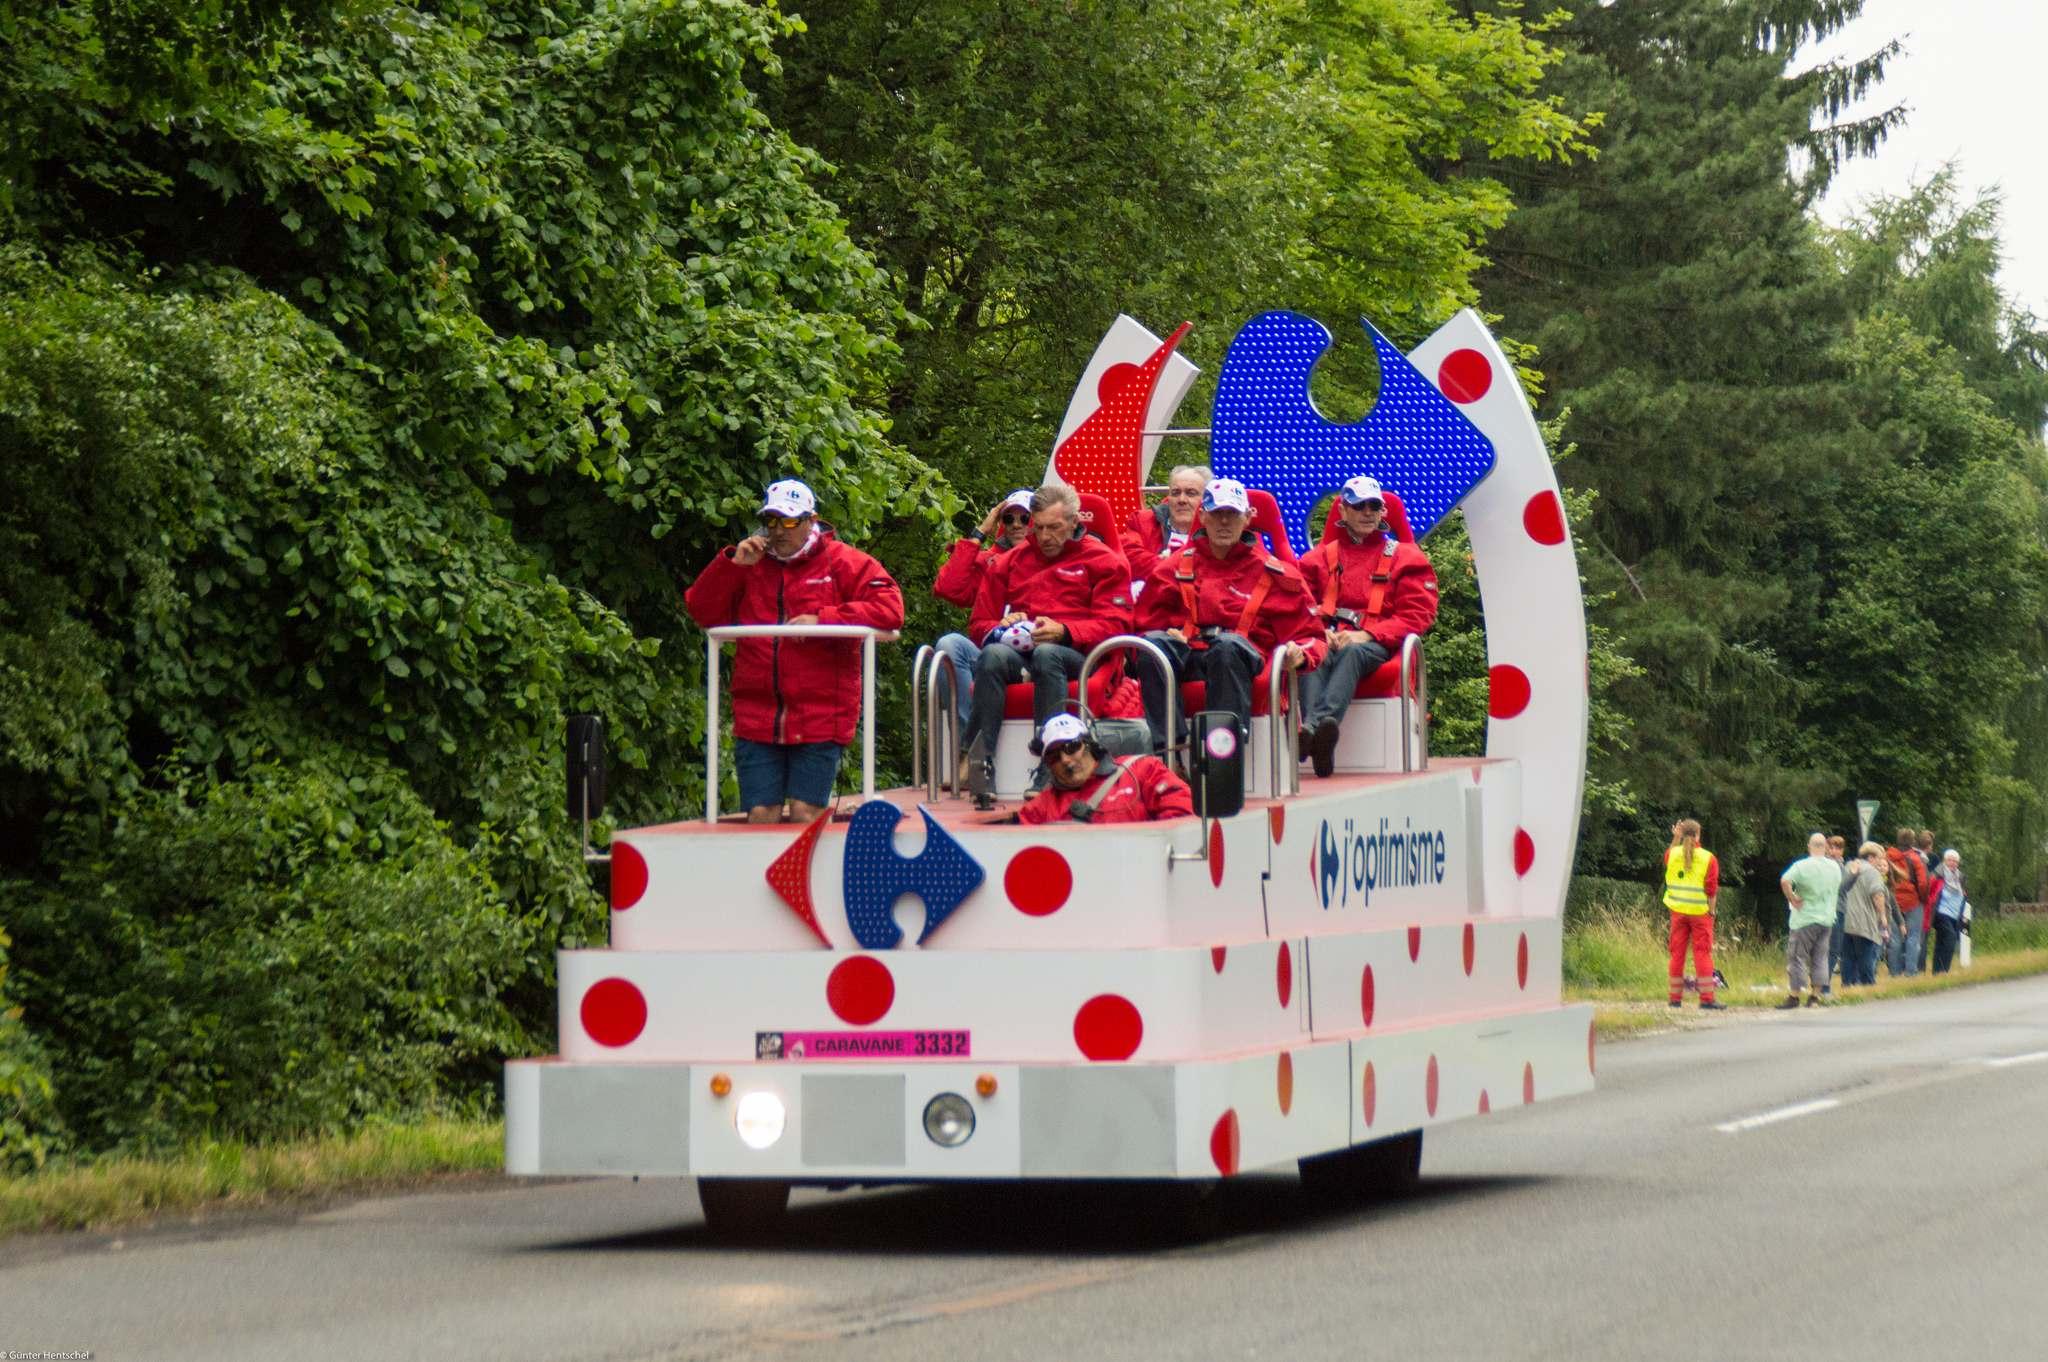 le tour19 Caravan Before the Start of the Tour de France   Dusseldorf